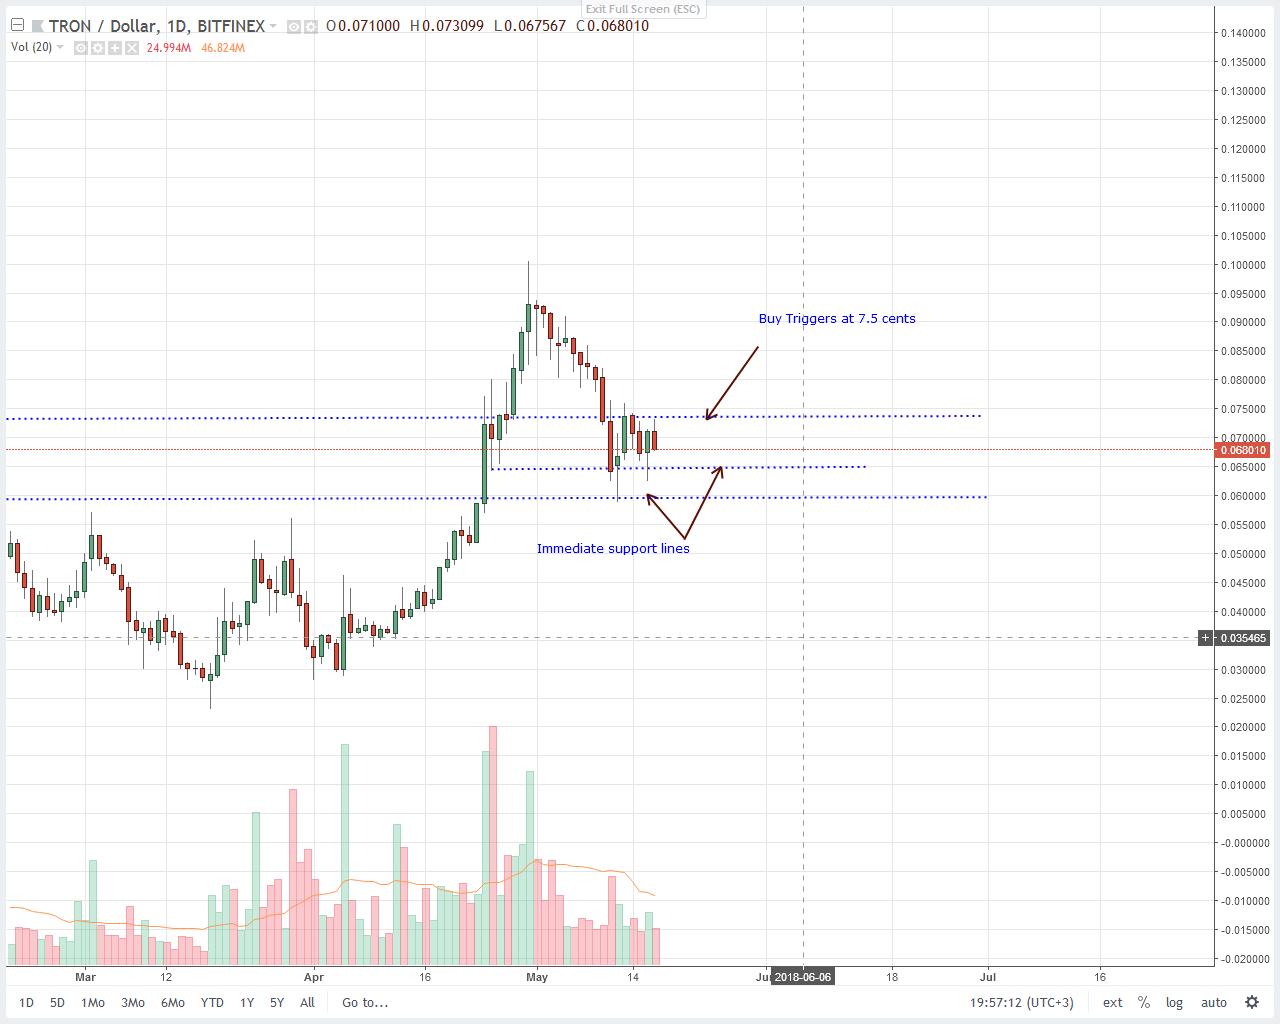 Tron (TRX) Technical Price Analysis